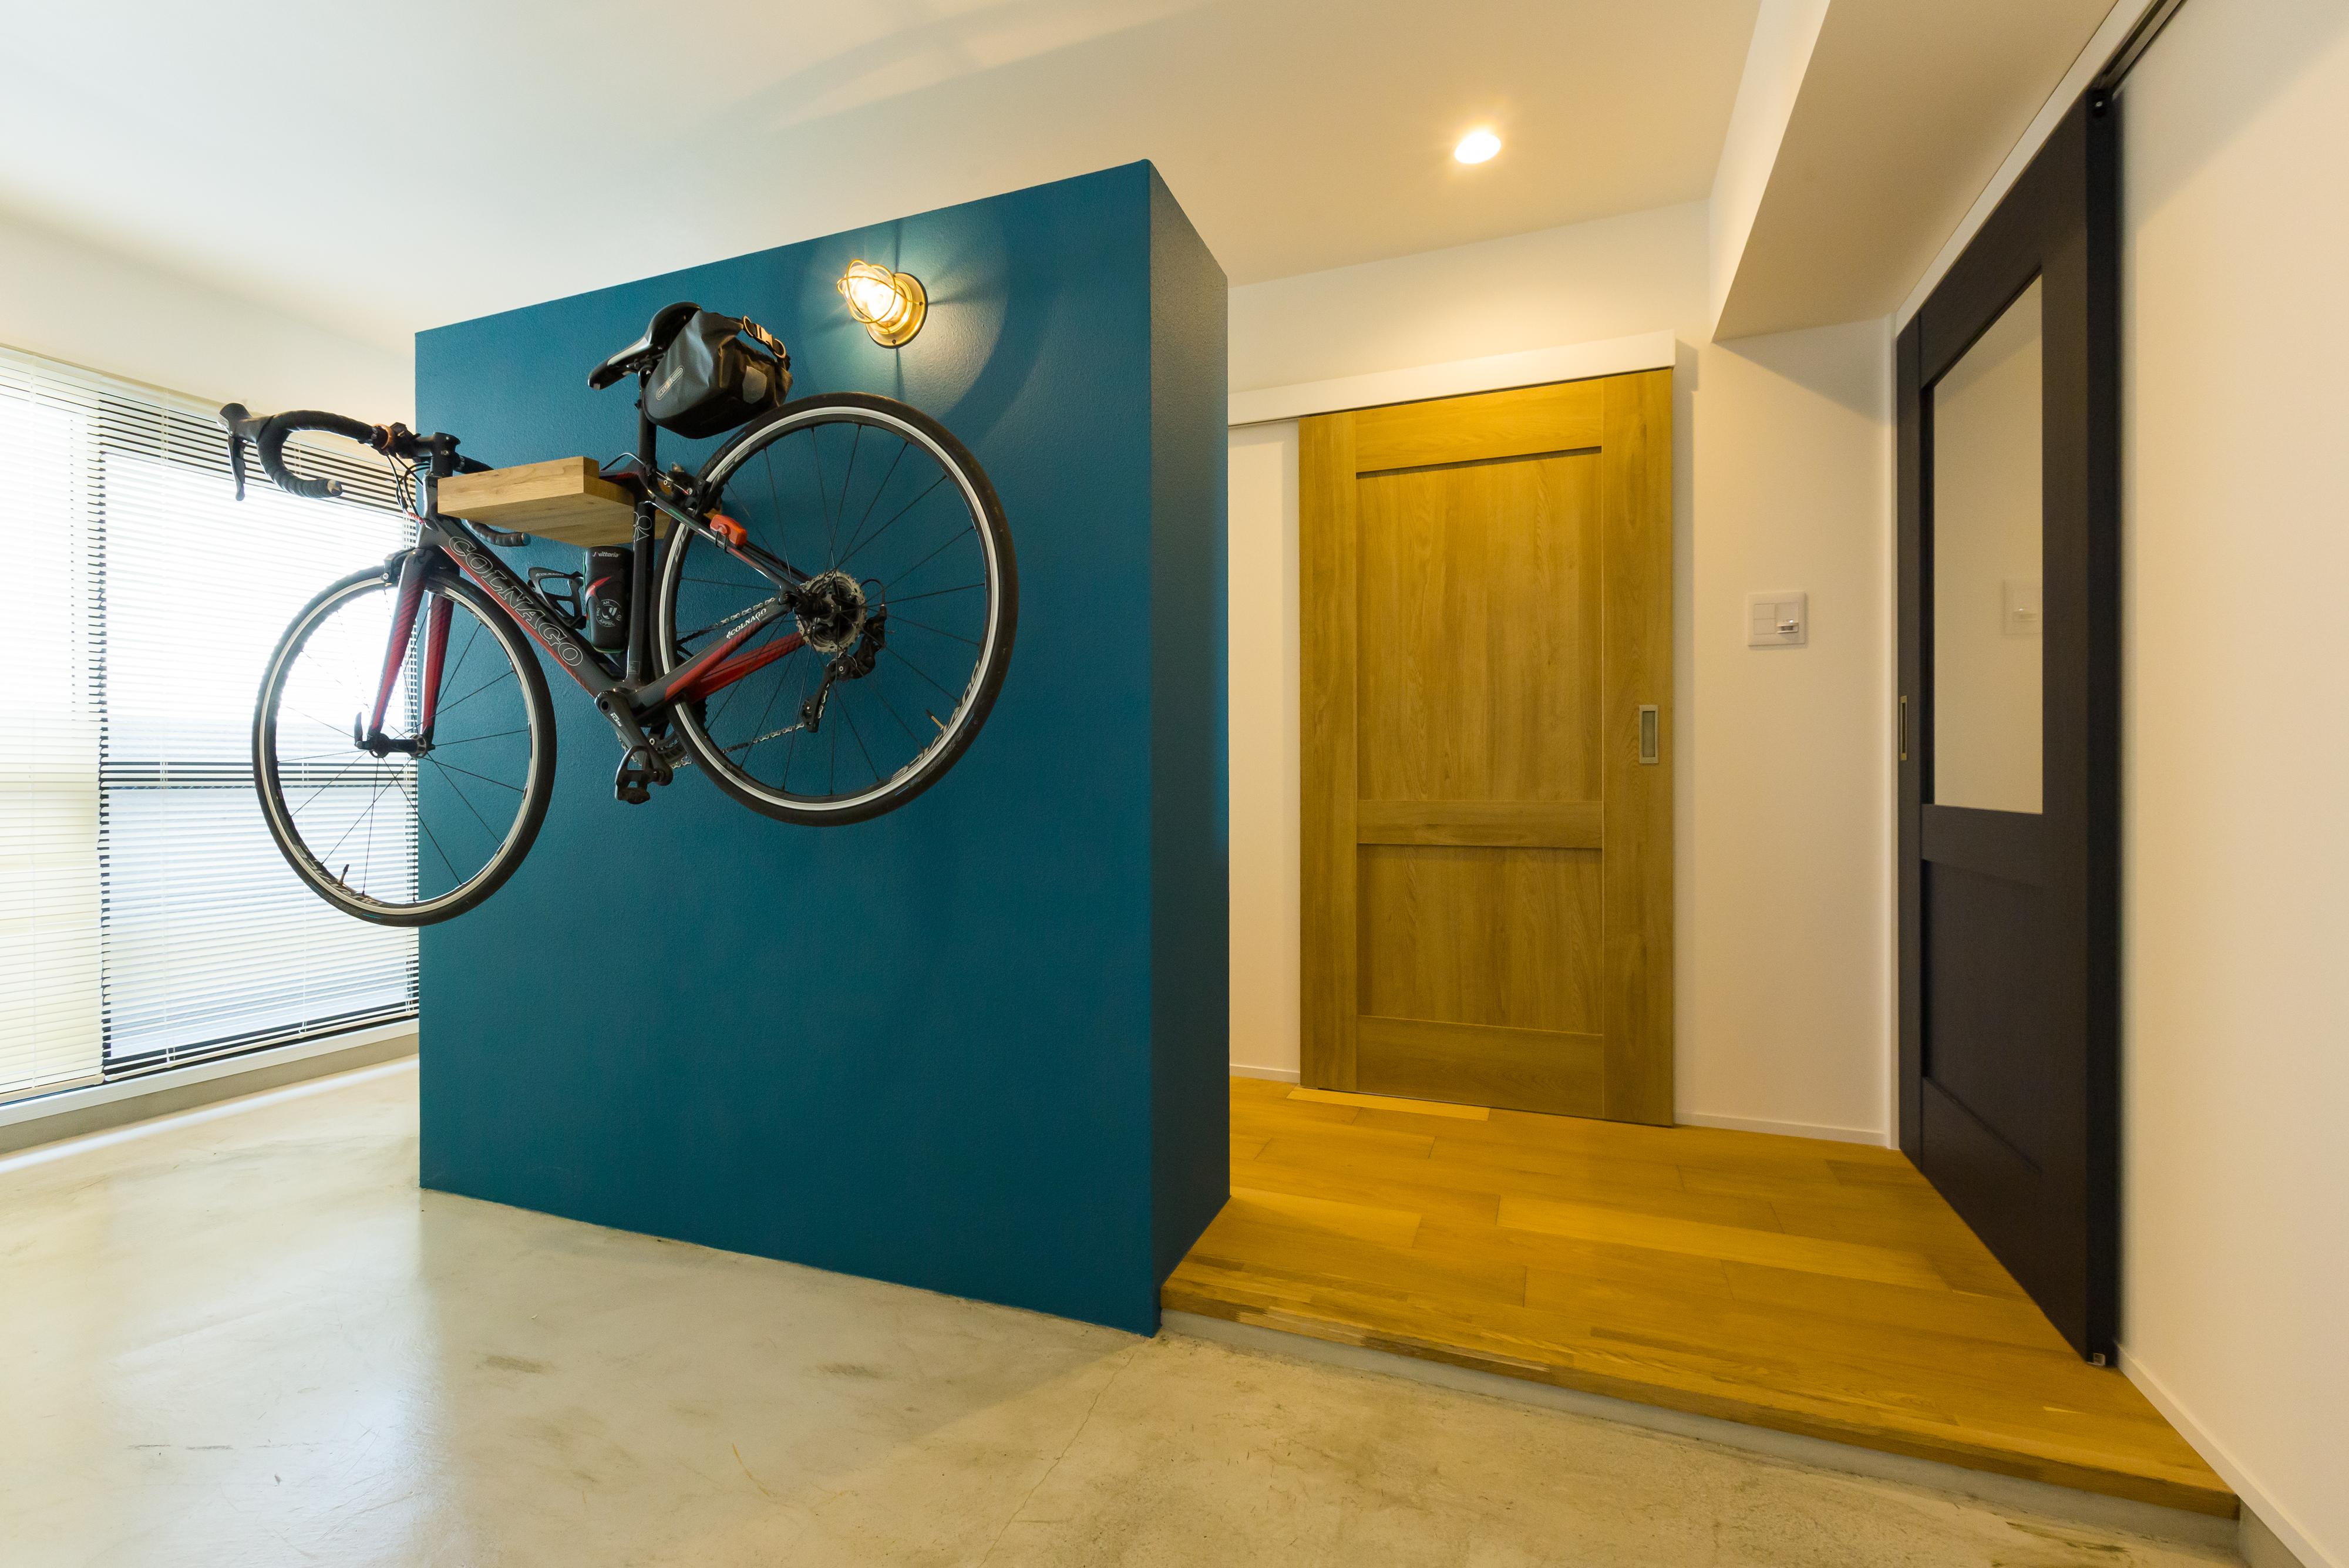 ロードバイクが飾れる玄関土間はメンテナンスにも最高